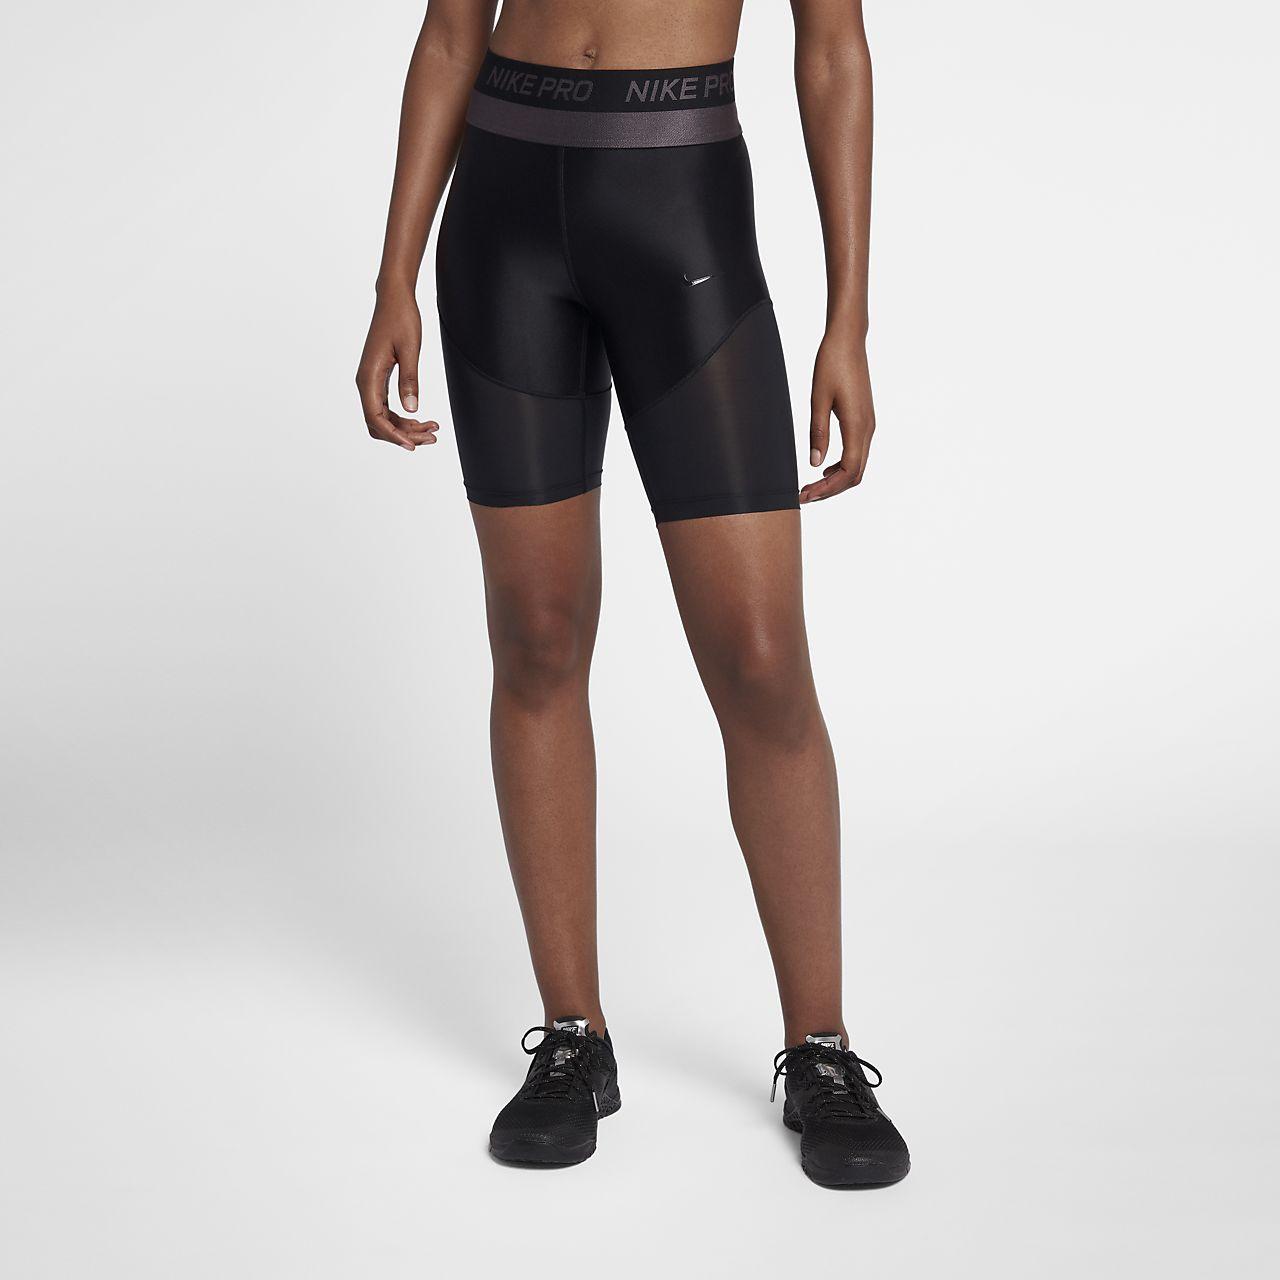 กางเกงเทรนนิ่งขาสั้นผู้หญิง Nike Pro HyperCool